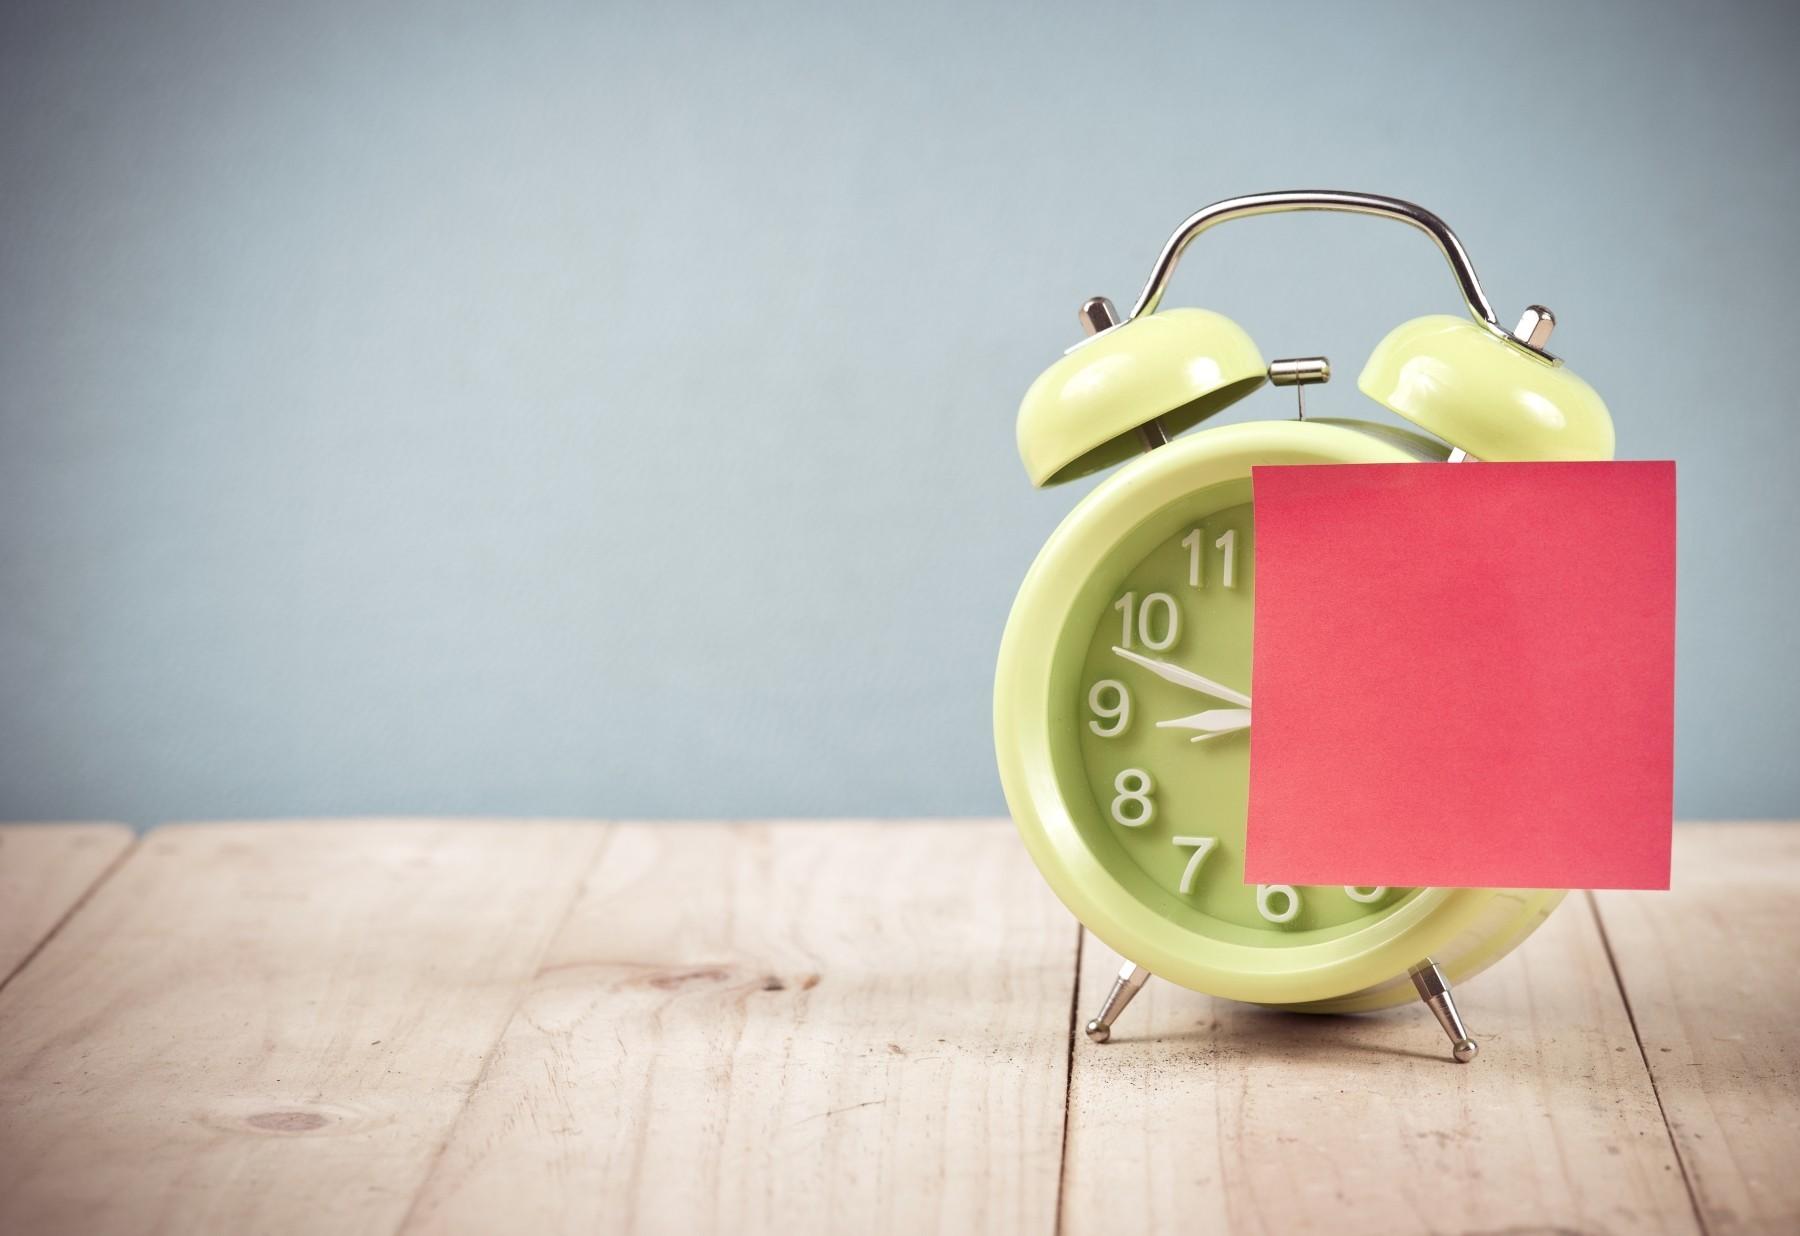 Вспомнить всё: Как сохранить и улучшить память?